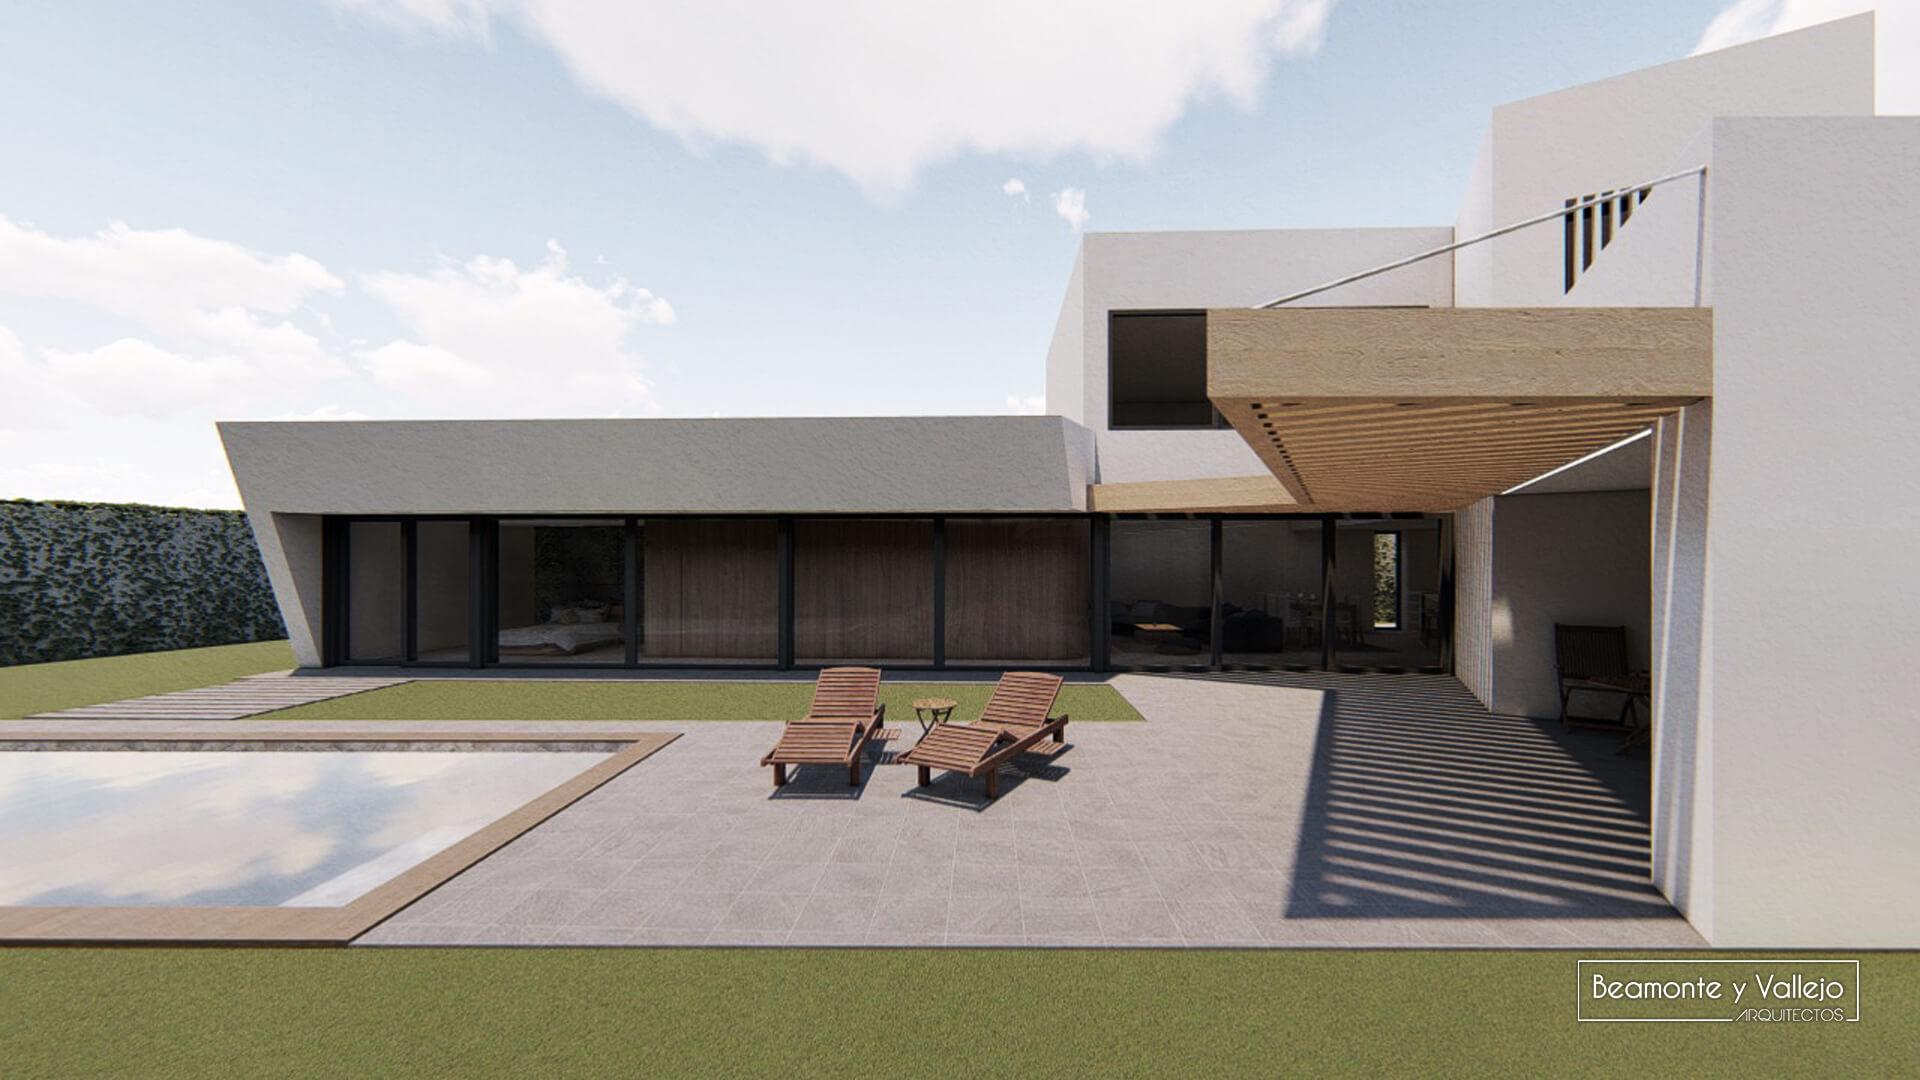 Beamonte y Vallejo arquitectos - Passivhaus Las Lomas 1 - 6